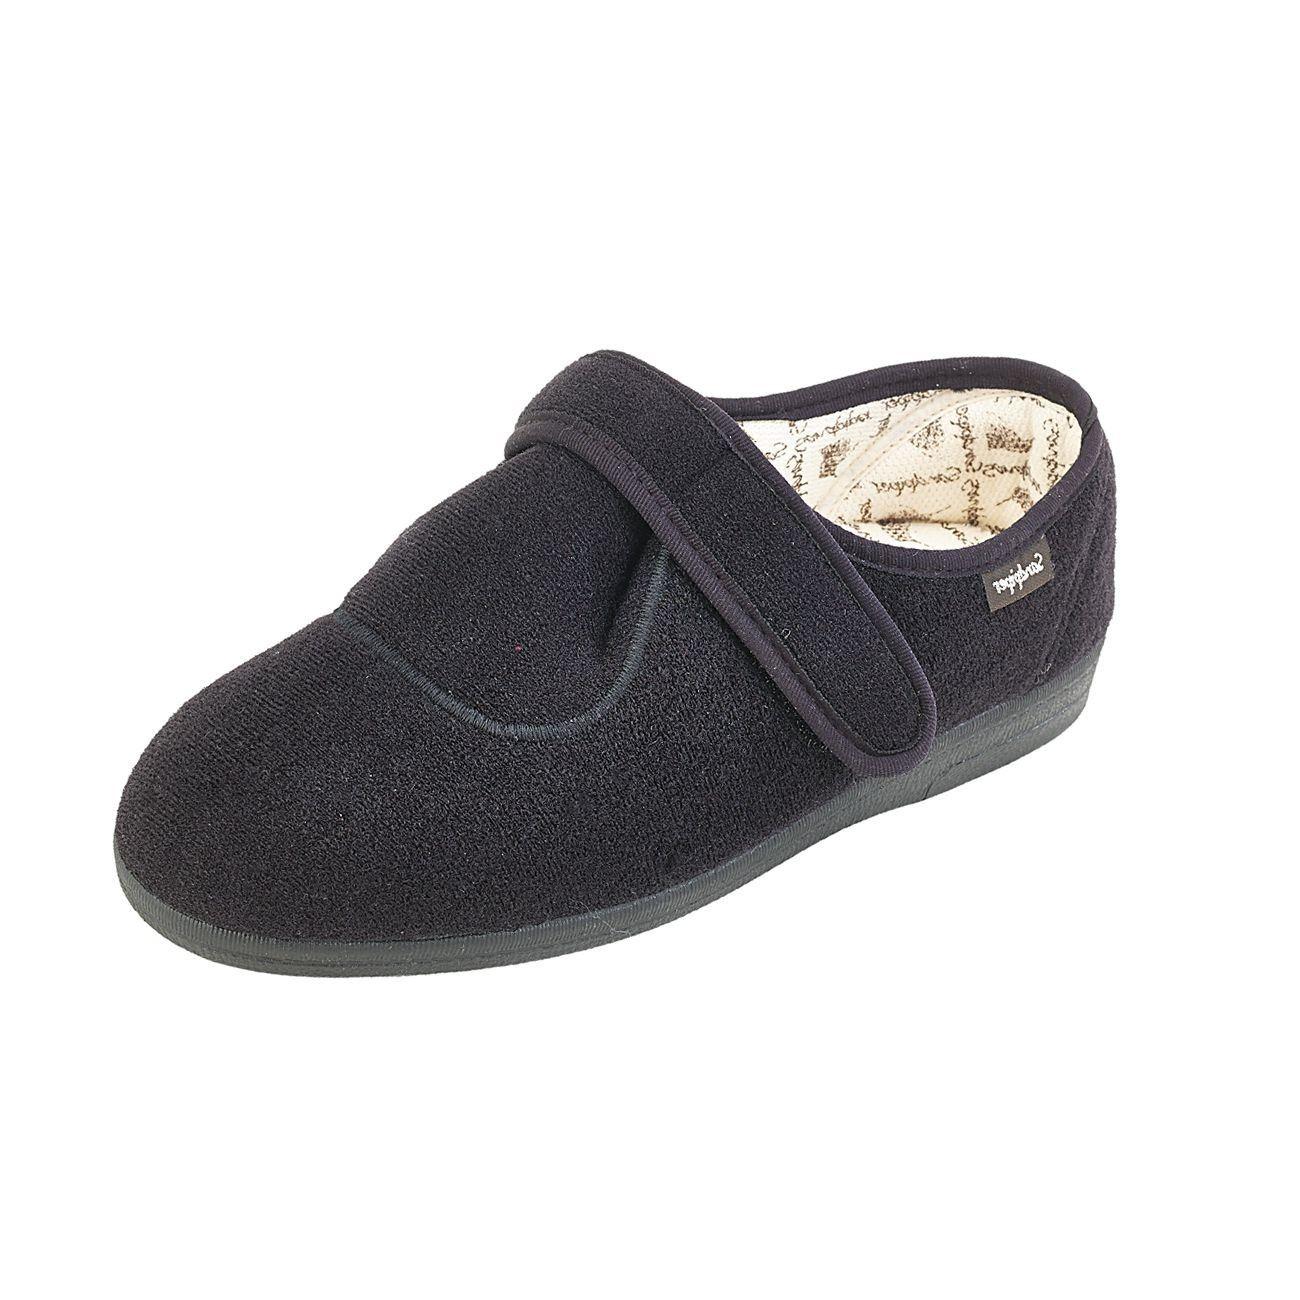 Pantofole da uomo Sandpiper Uomo Pantofola